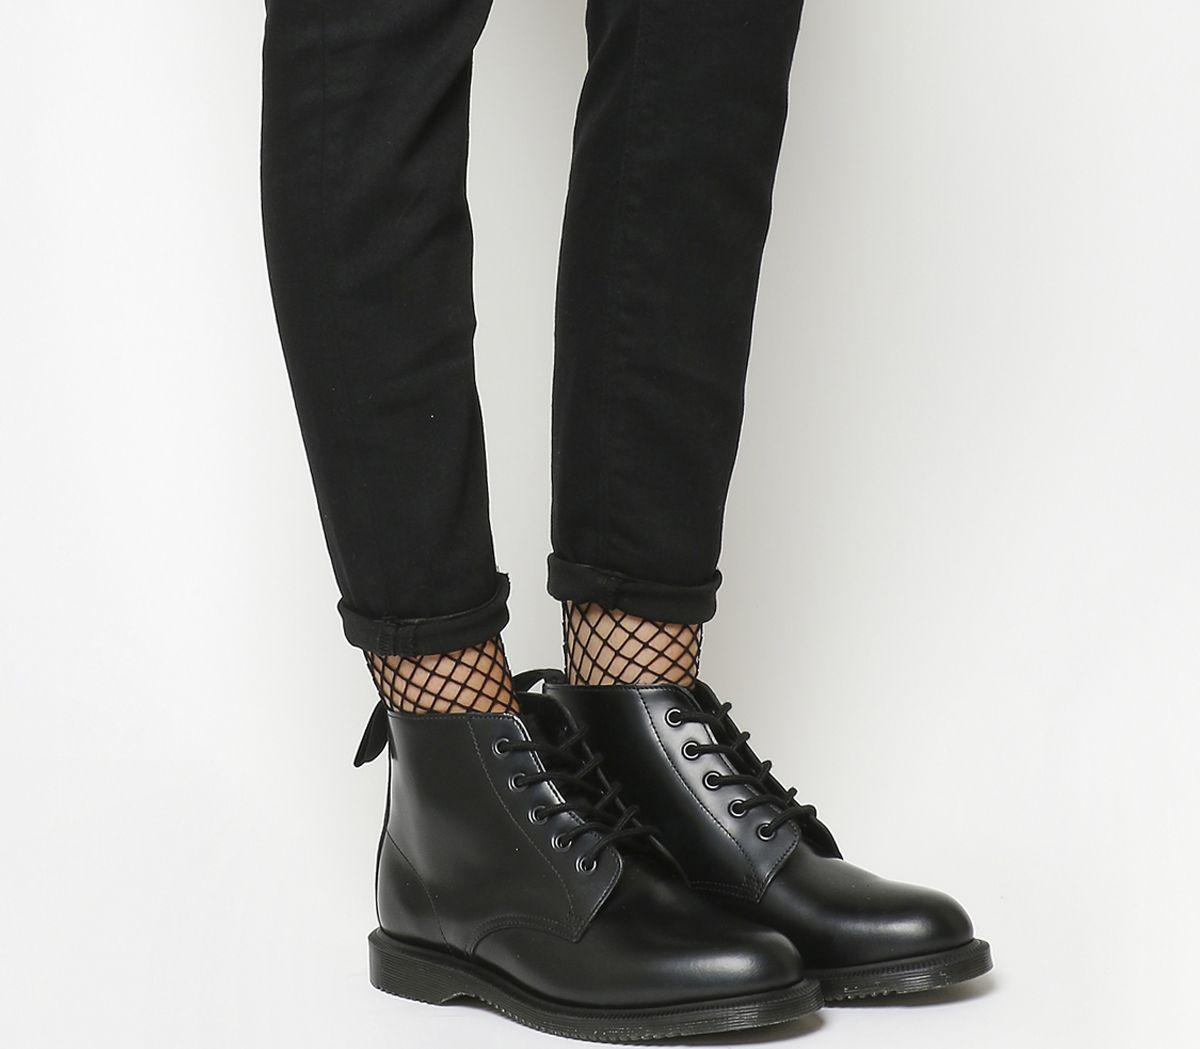 efb3dad7648 Emmeline Lace Up Boots